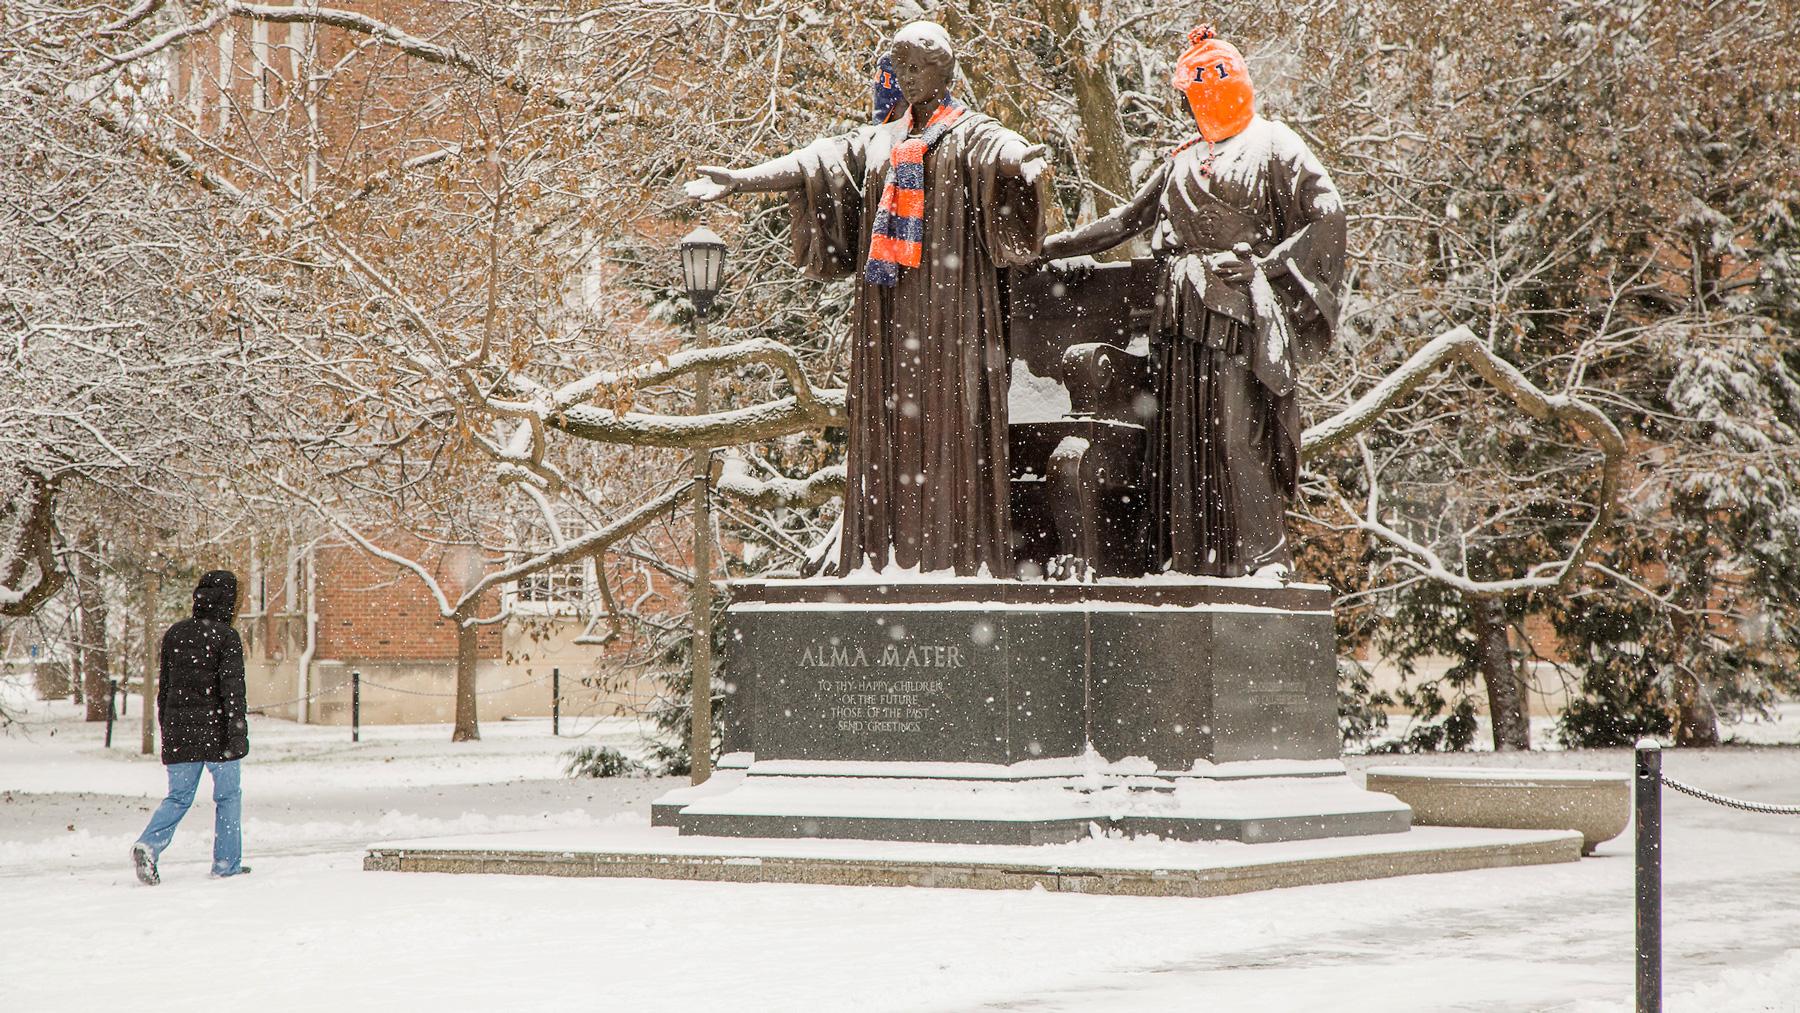 Alma Mater statue in show. Photo by L. Brian Stauffer